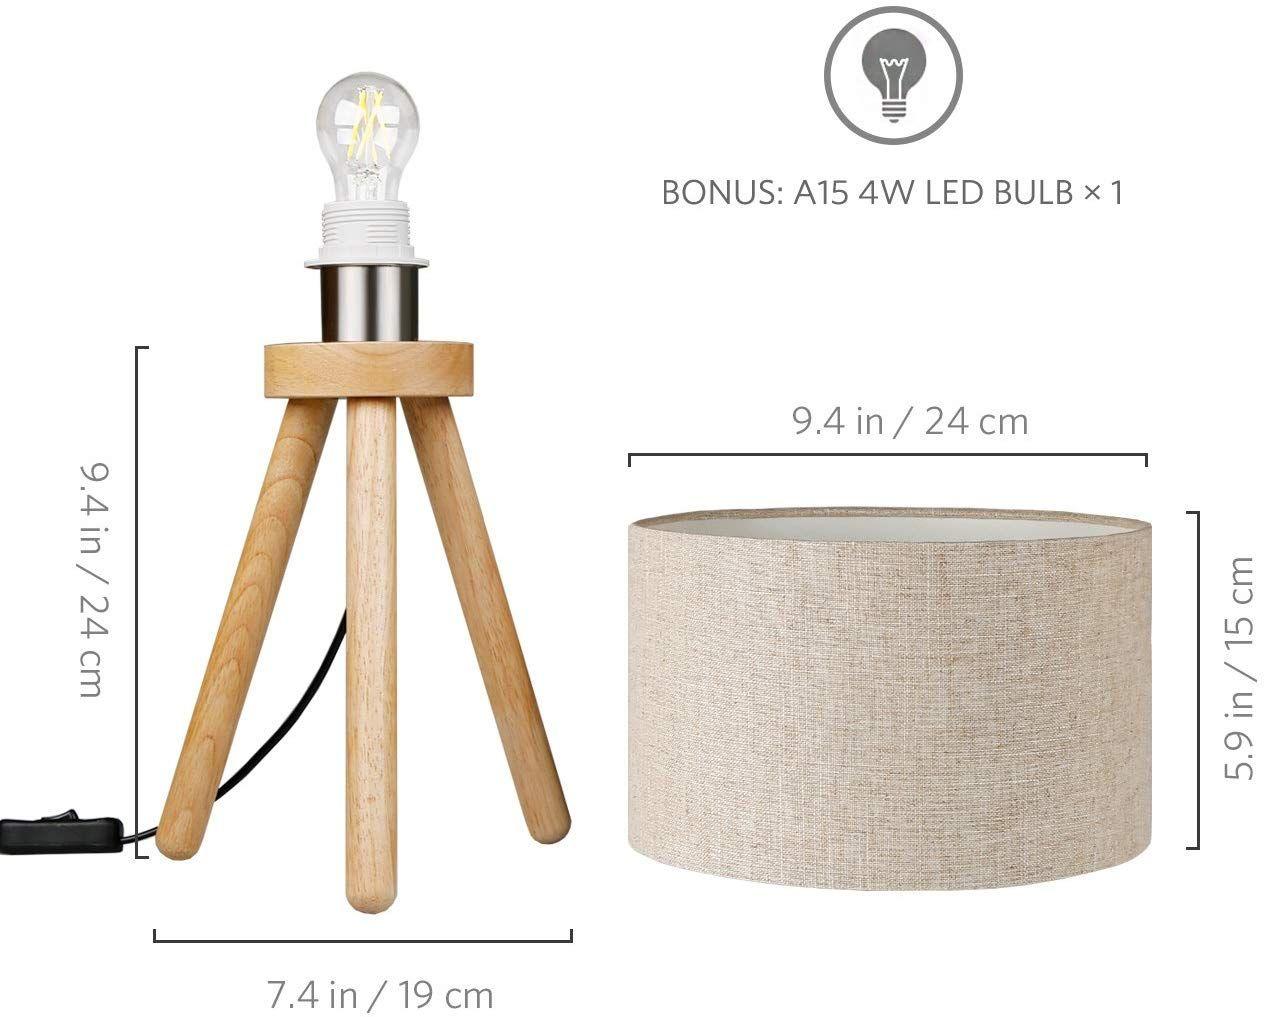 Tomons Nachttischlampe Minimalistischer Stil Geeignet Fur Schlafzimmer Mit Warmer Gemutlicher Atmosphare 4 W Led Im Lieferumfang E Led Nachttischlampe Lampe